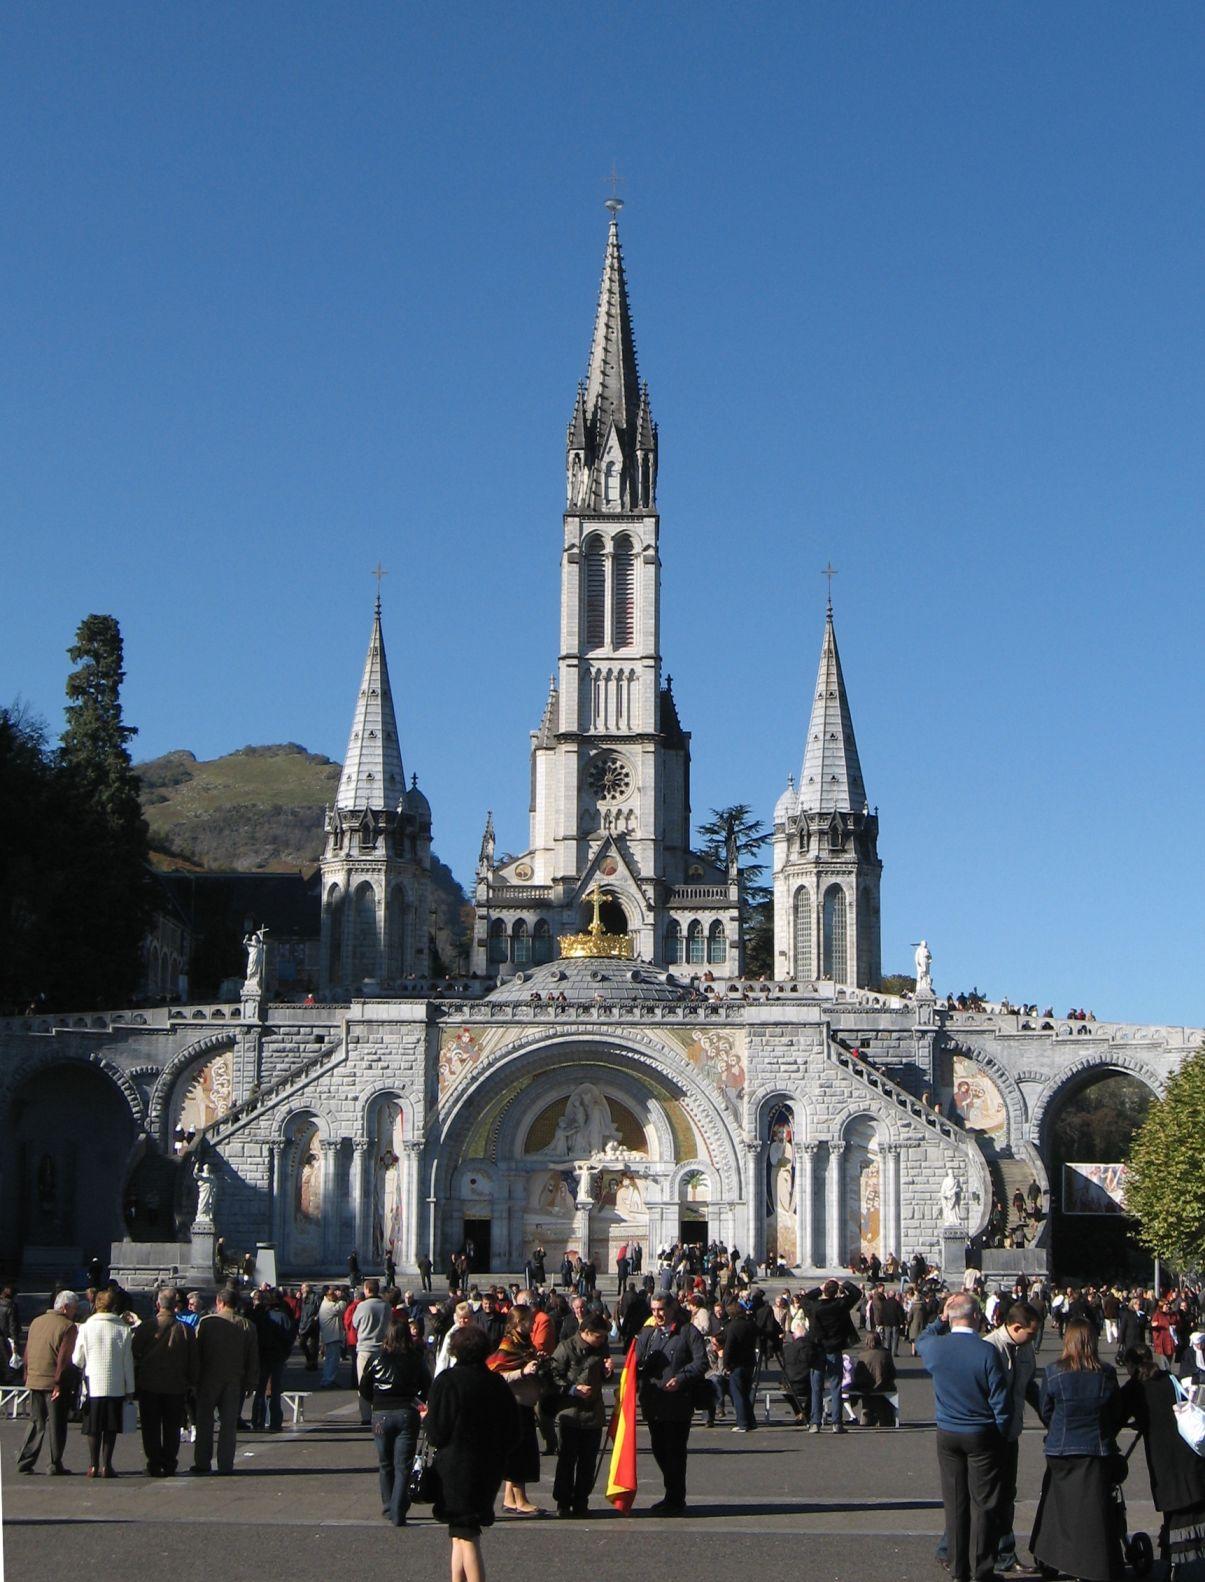 Lourdes-2008-10-25--11.40.44.jpg